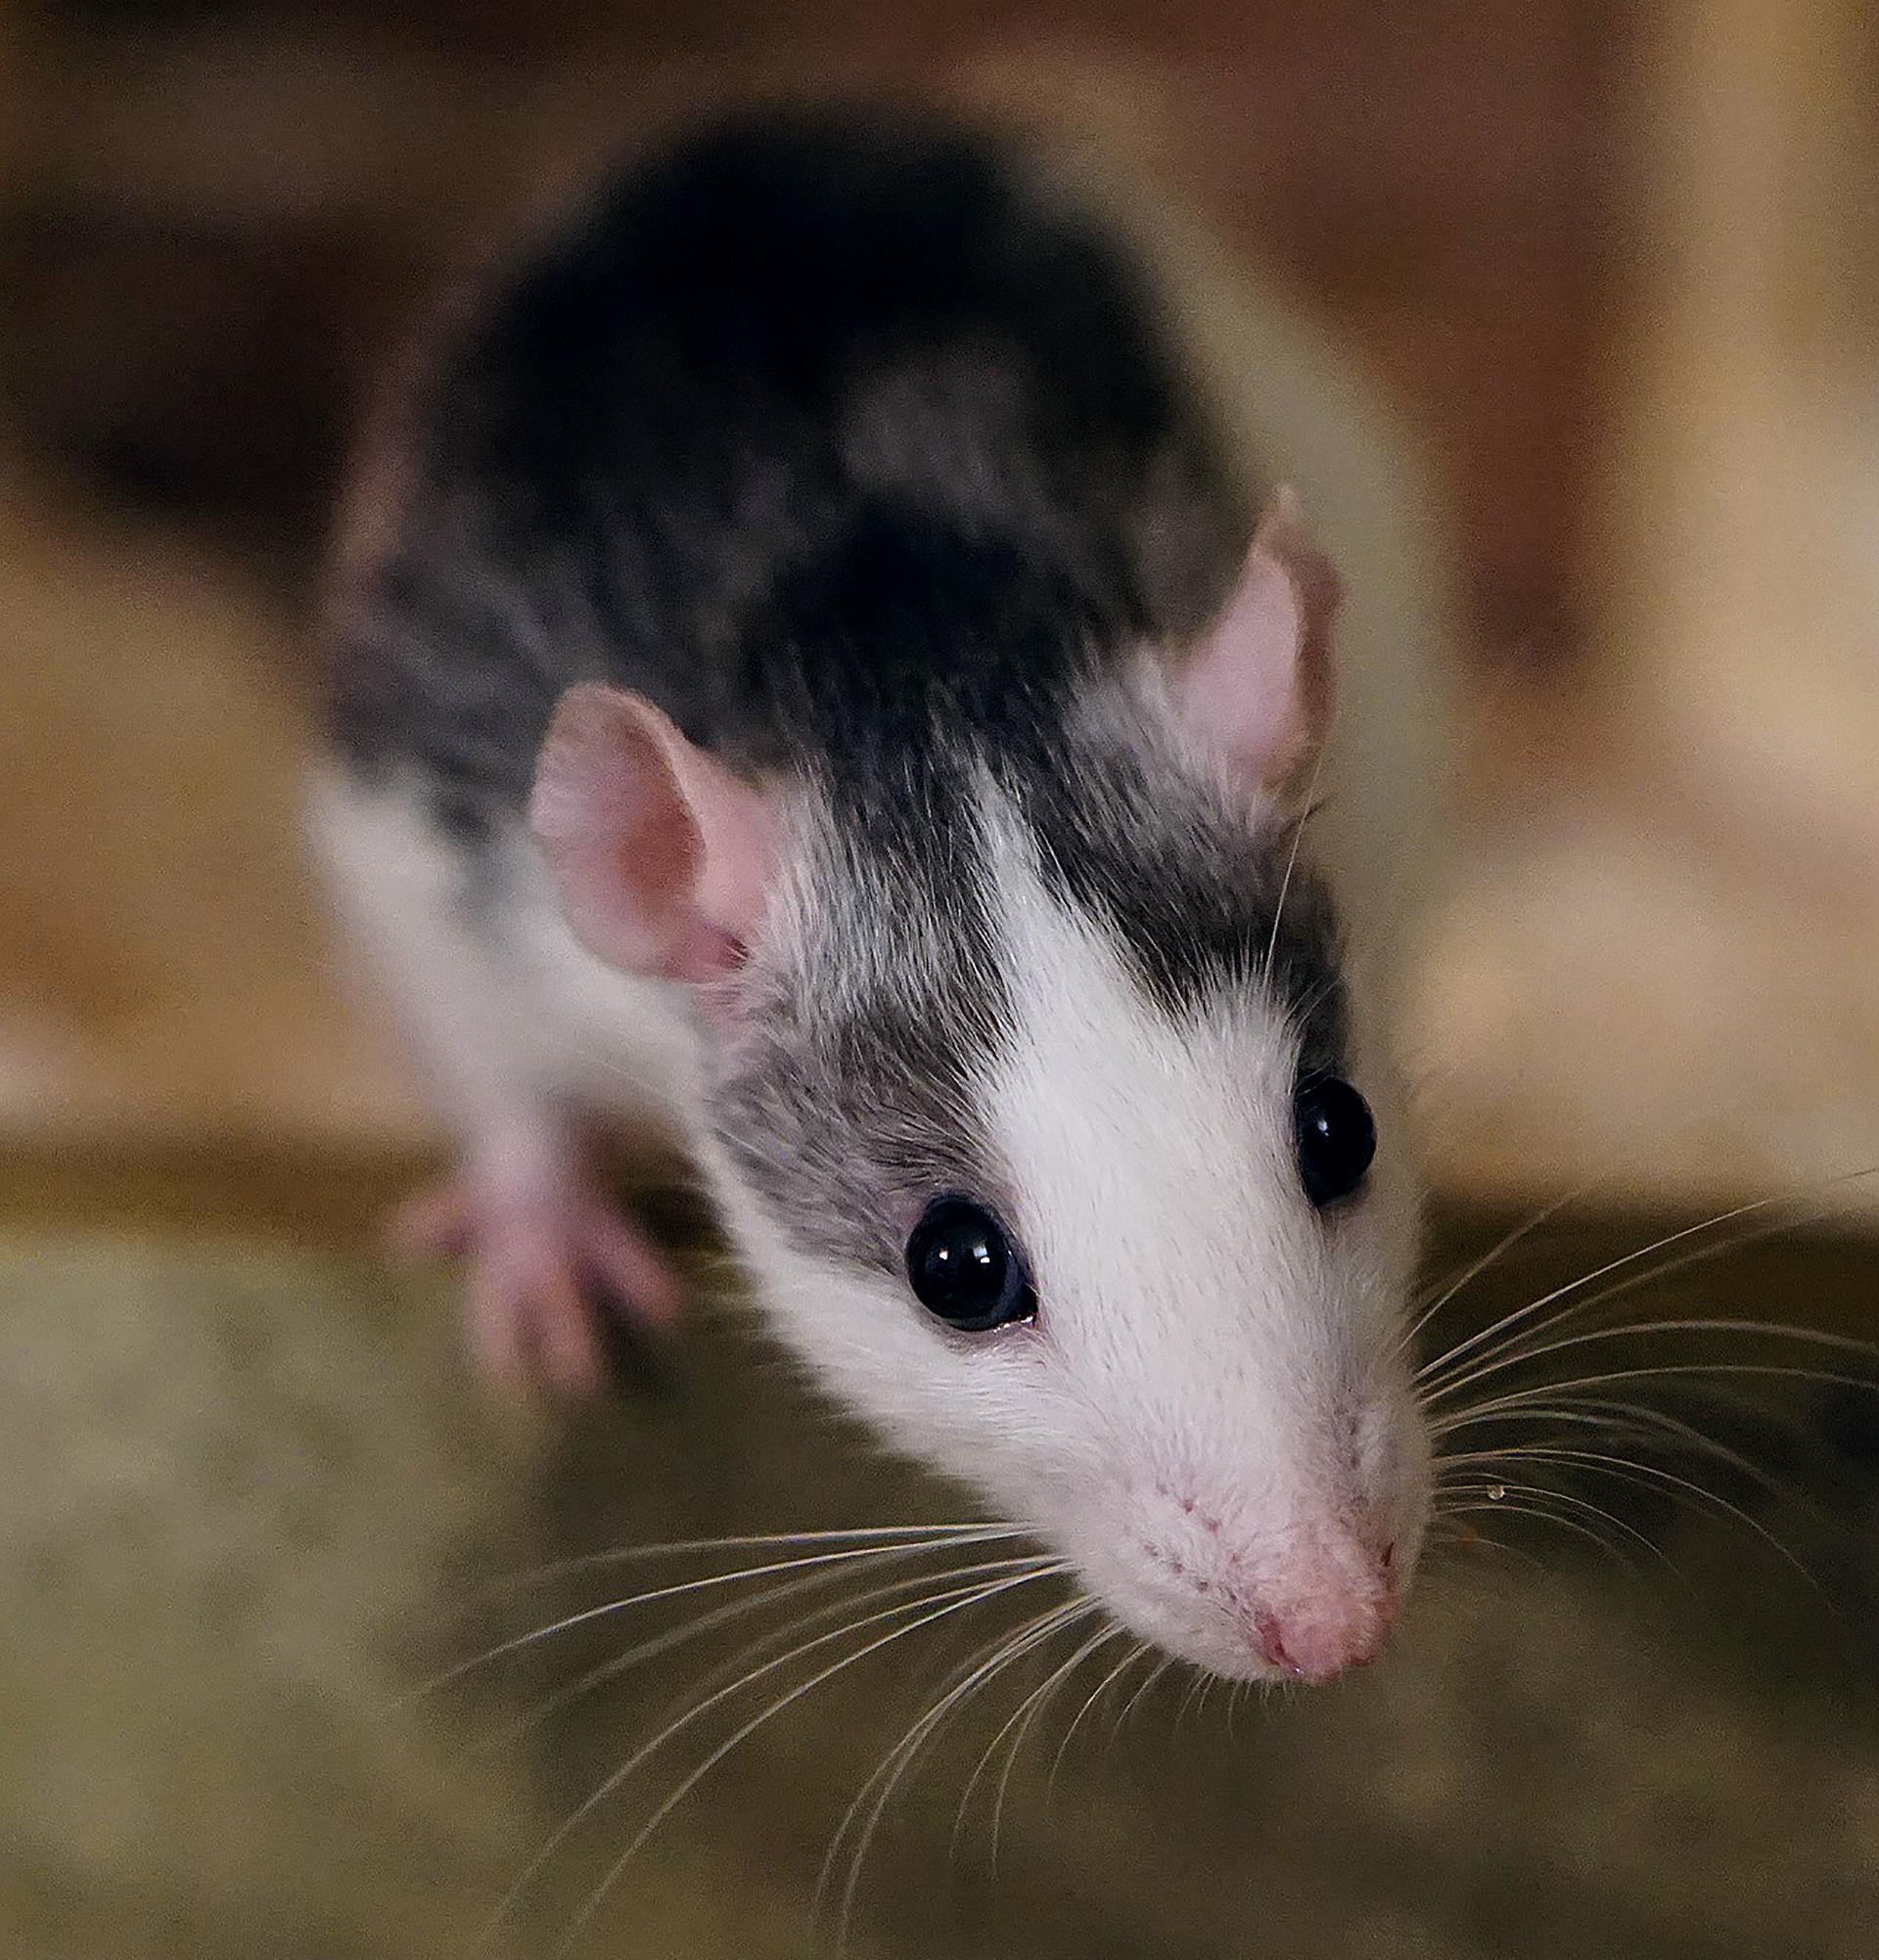 rat-1759483_1920-crpd-adj